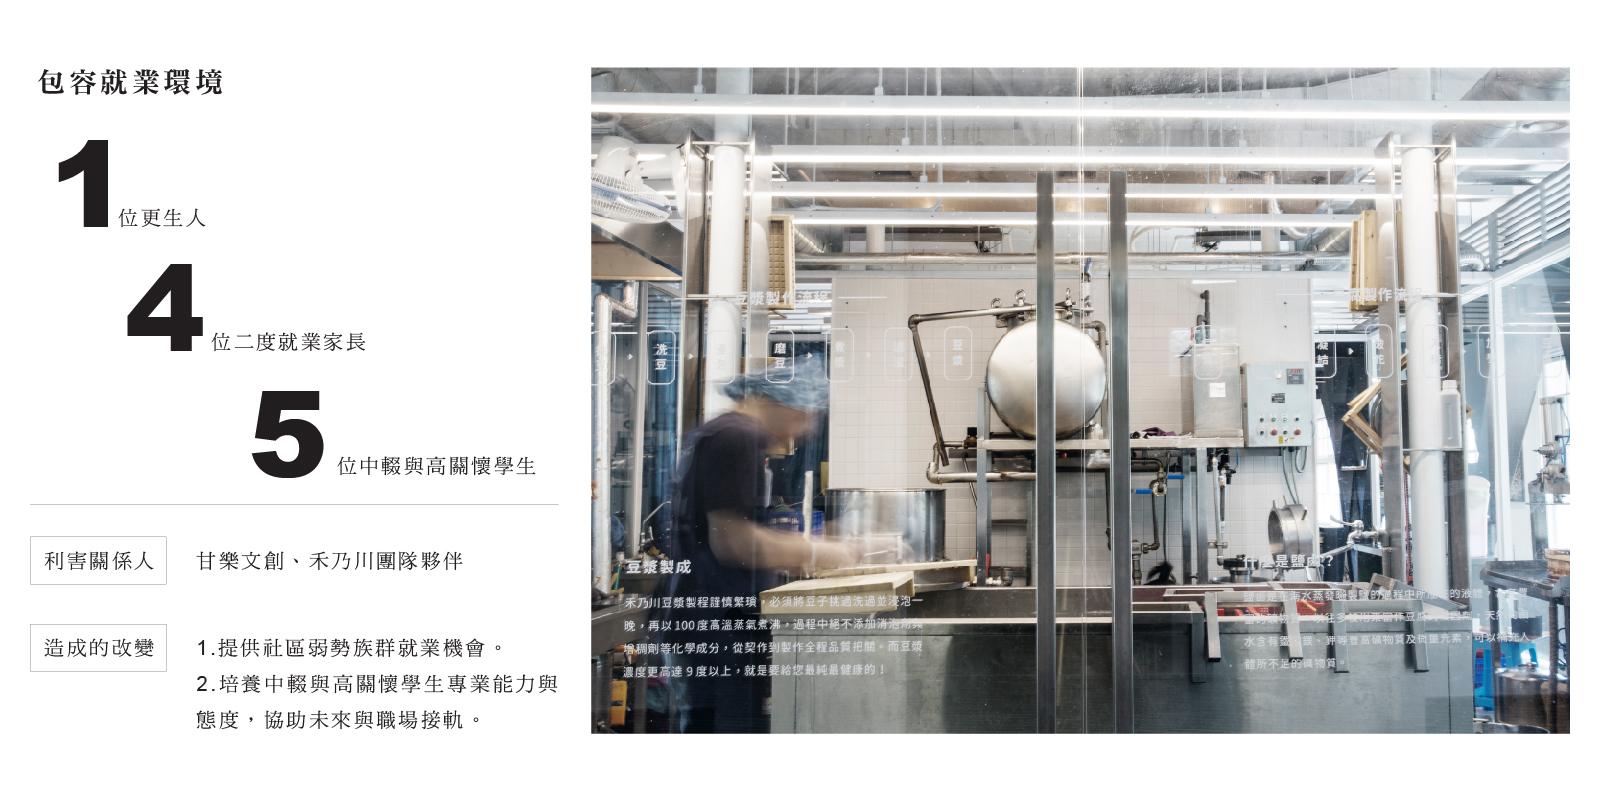 甘樂文創公益報告書 包容就業環境  | 甘樂文創 | 甘之如飴,樂在其中